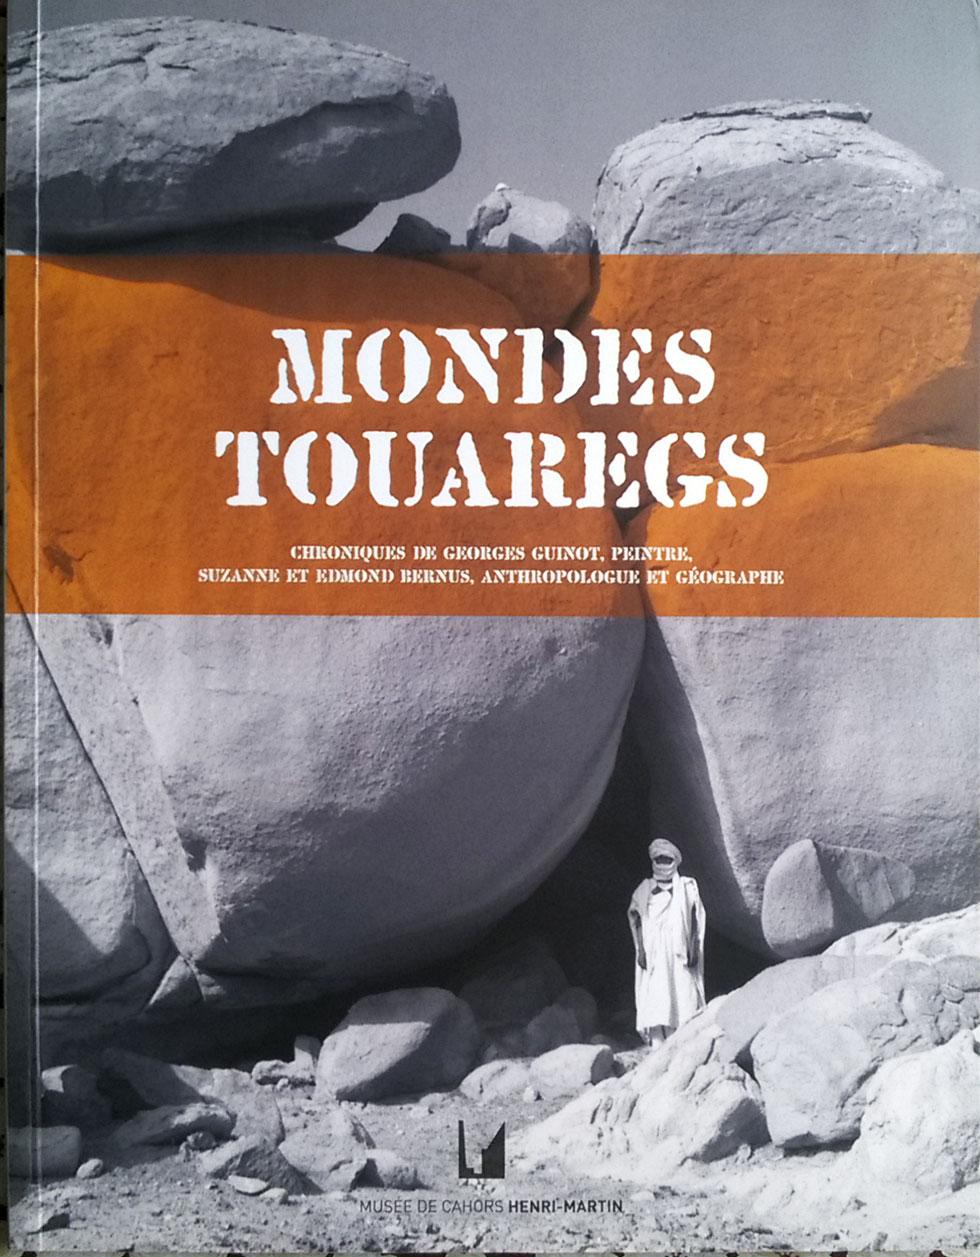 Exhibition catalog Mondes Touaregs, chroniques de georges Guinot, peintre, Suzanne et Edmond Bernus, anthropologue et géographe Musée de Cahors Henri-Martin